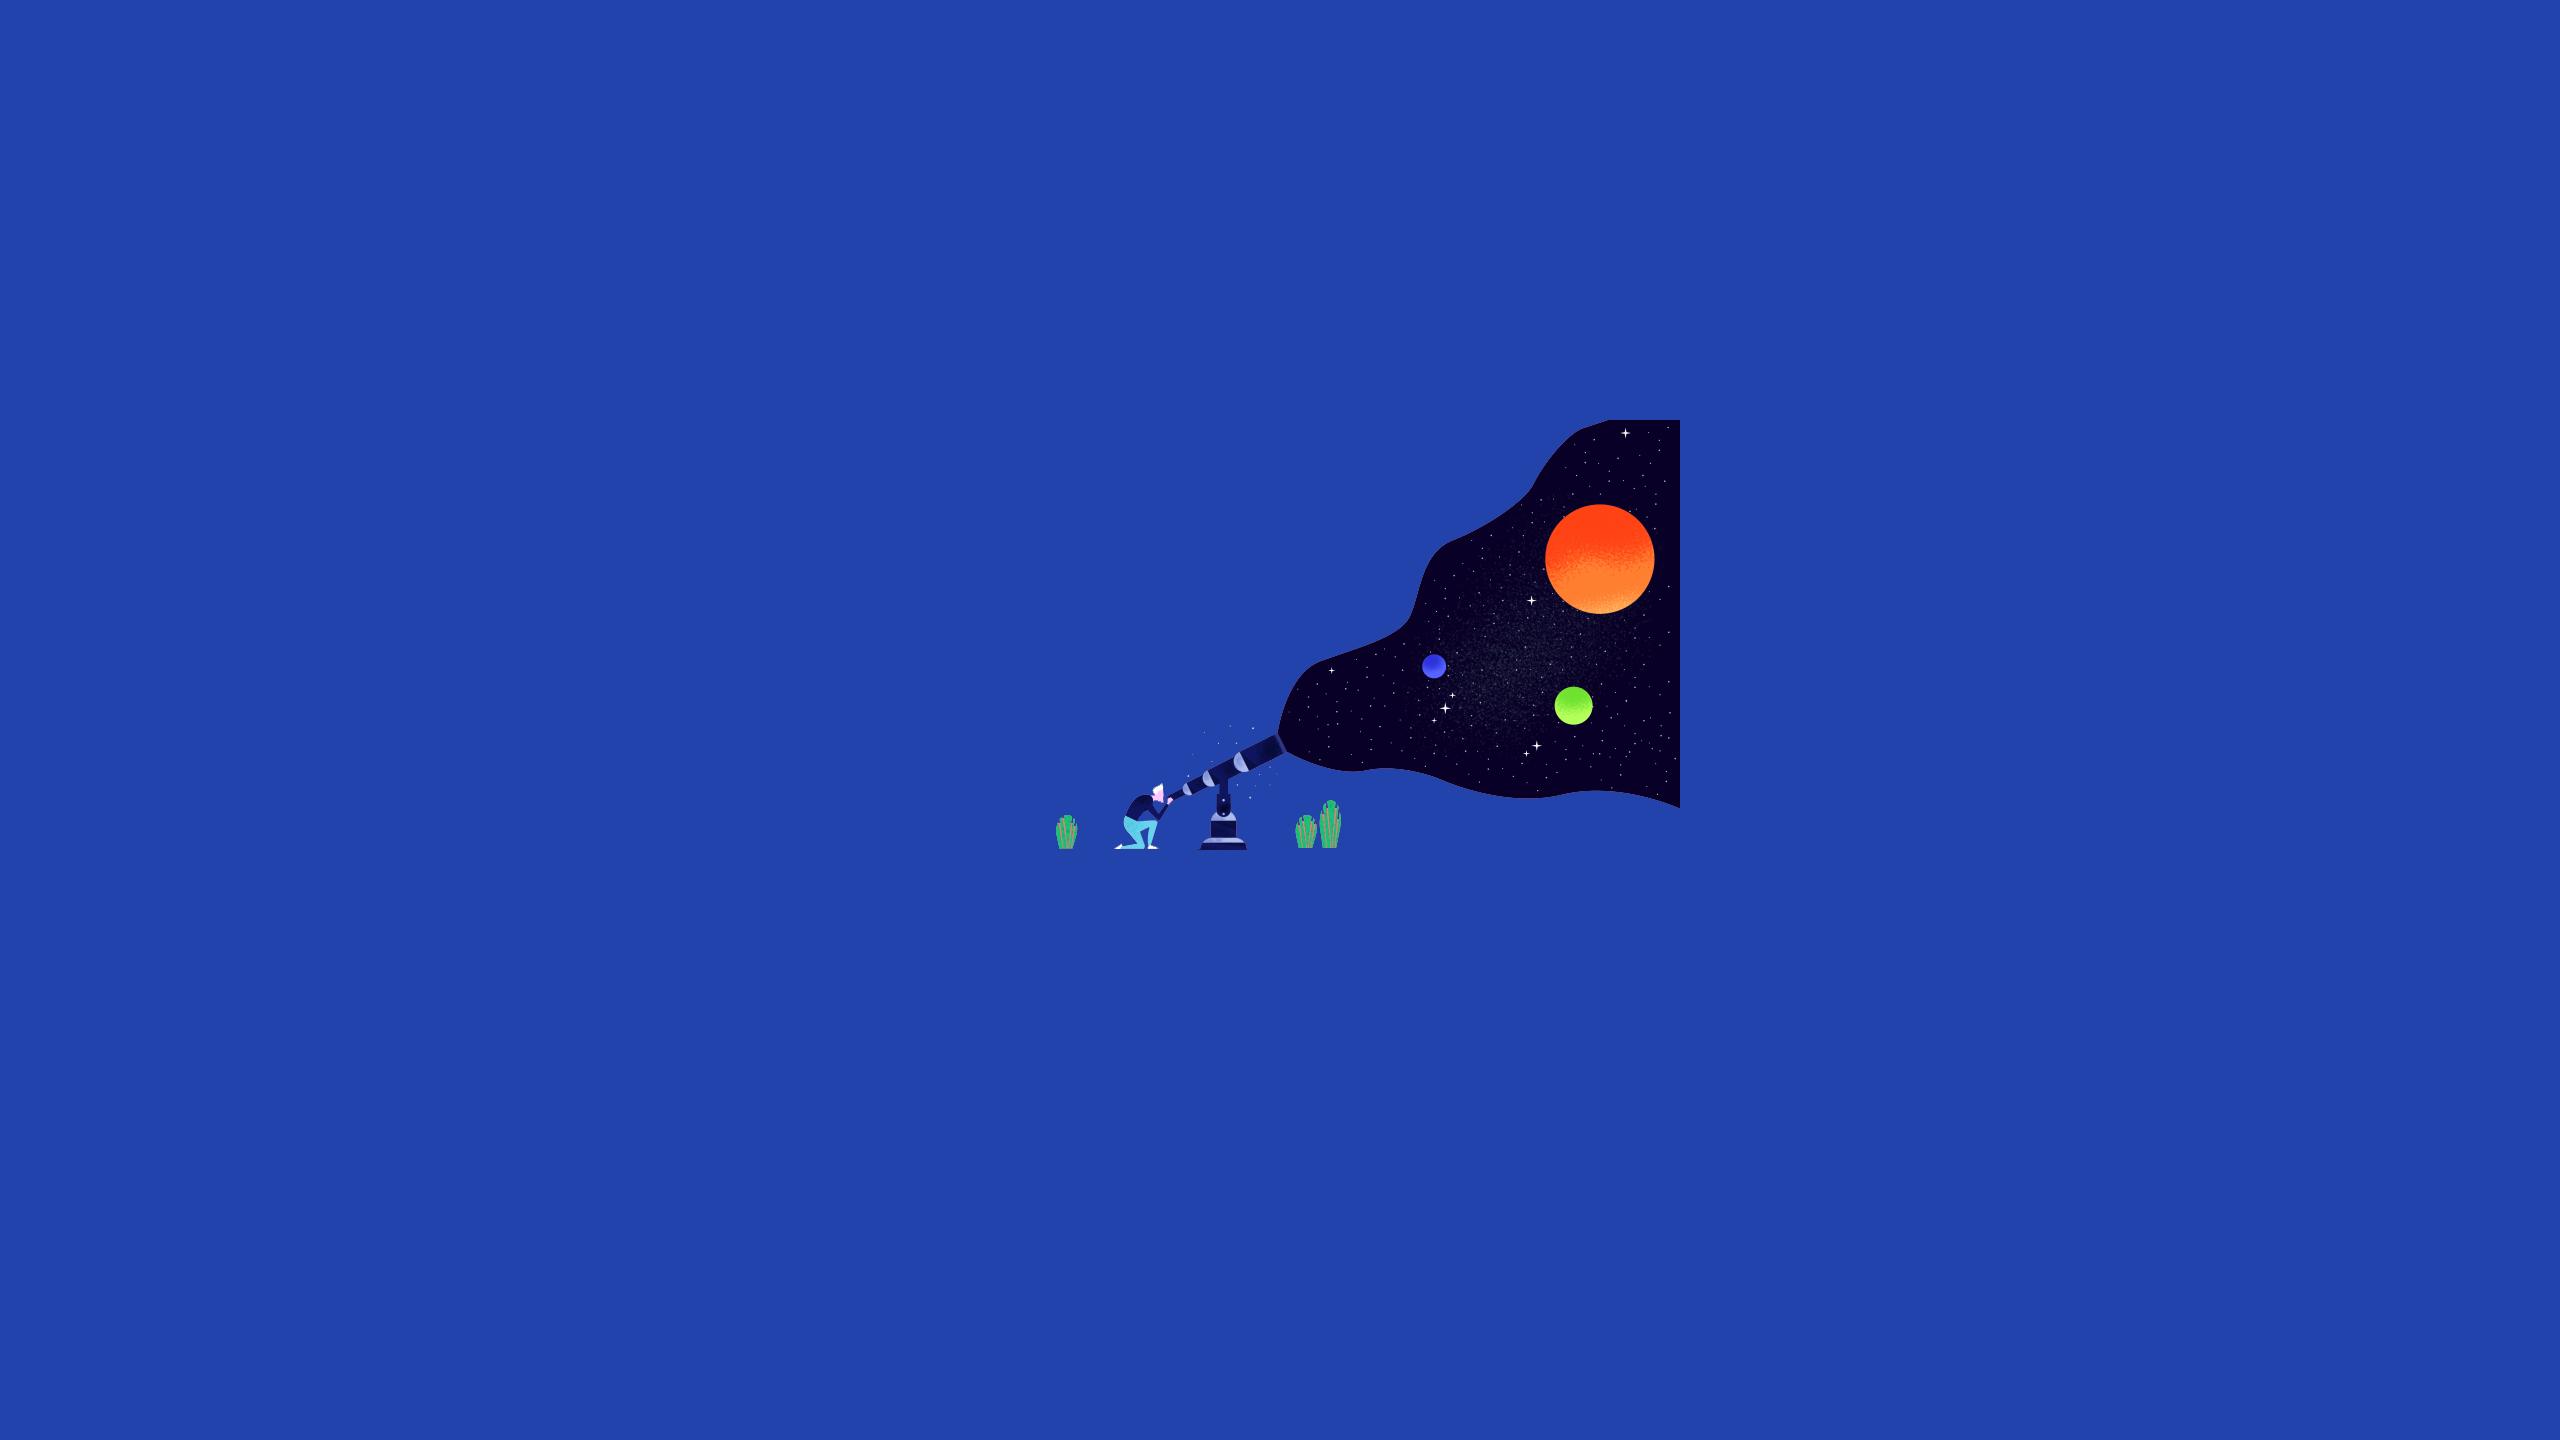 Fond Décran Illustration Espace Planète Télescope